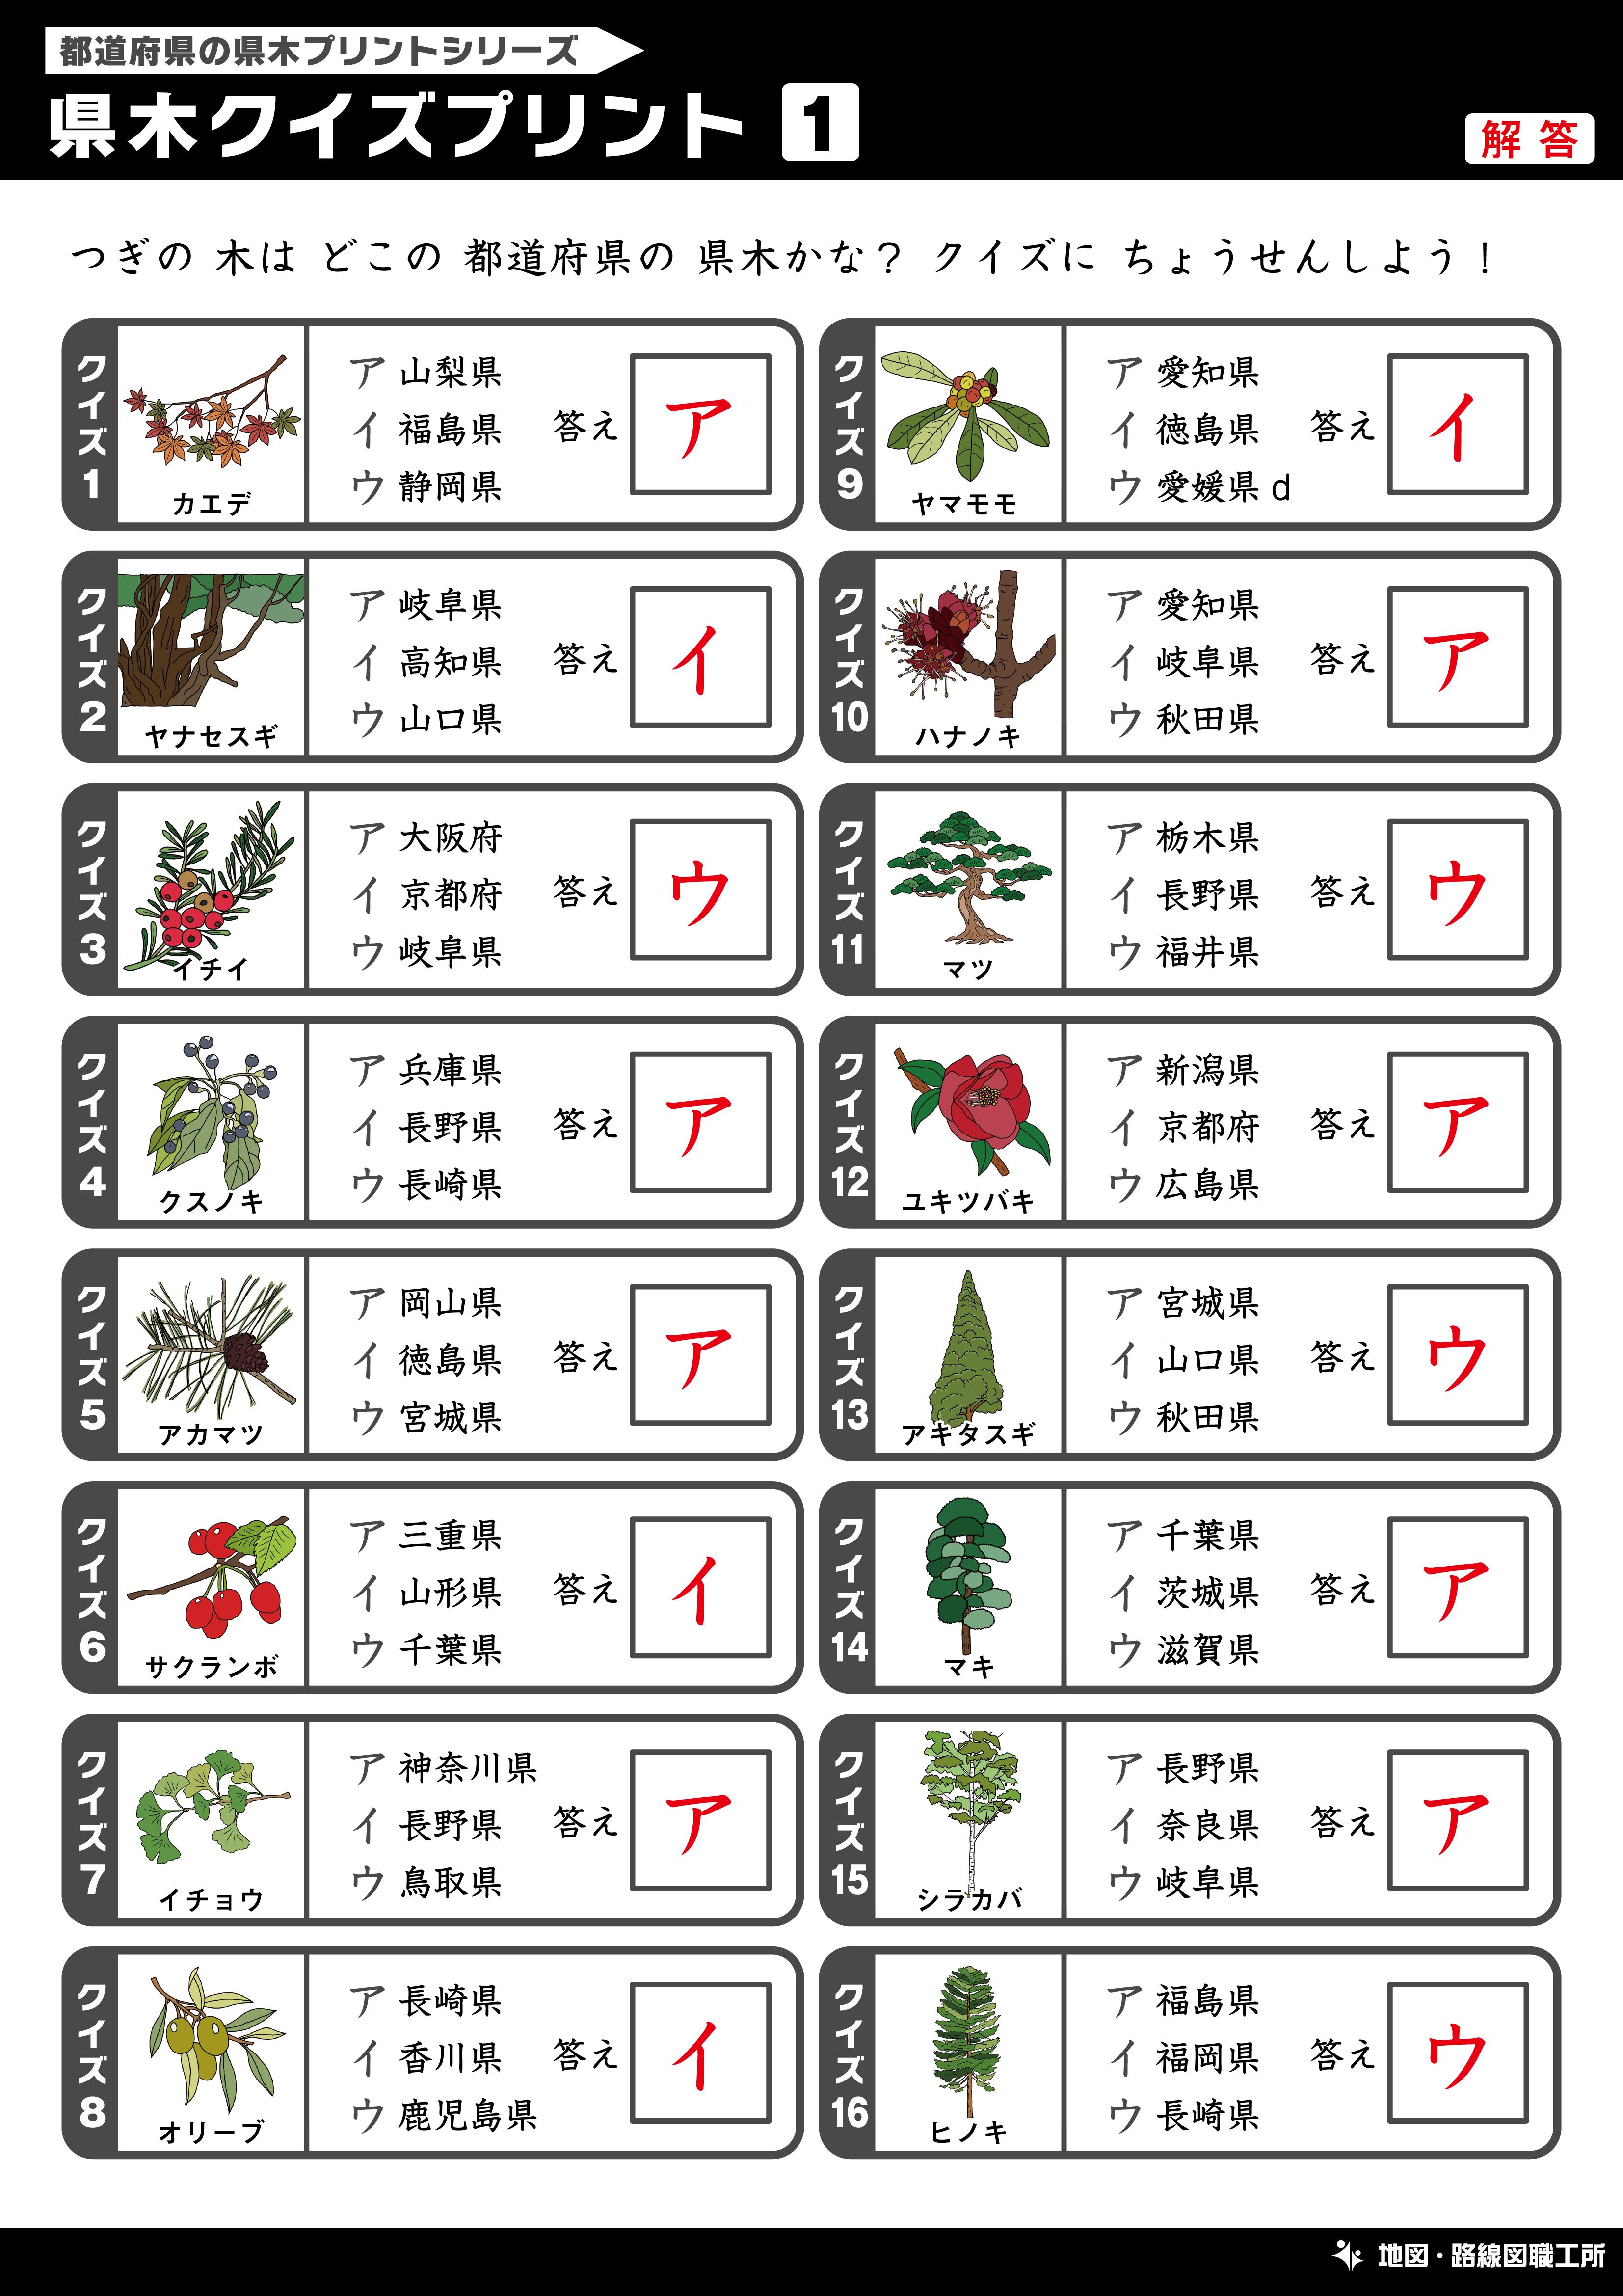 県木クイズプリント 選択問題